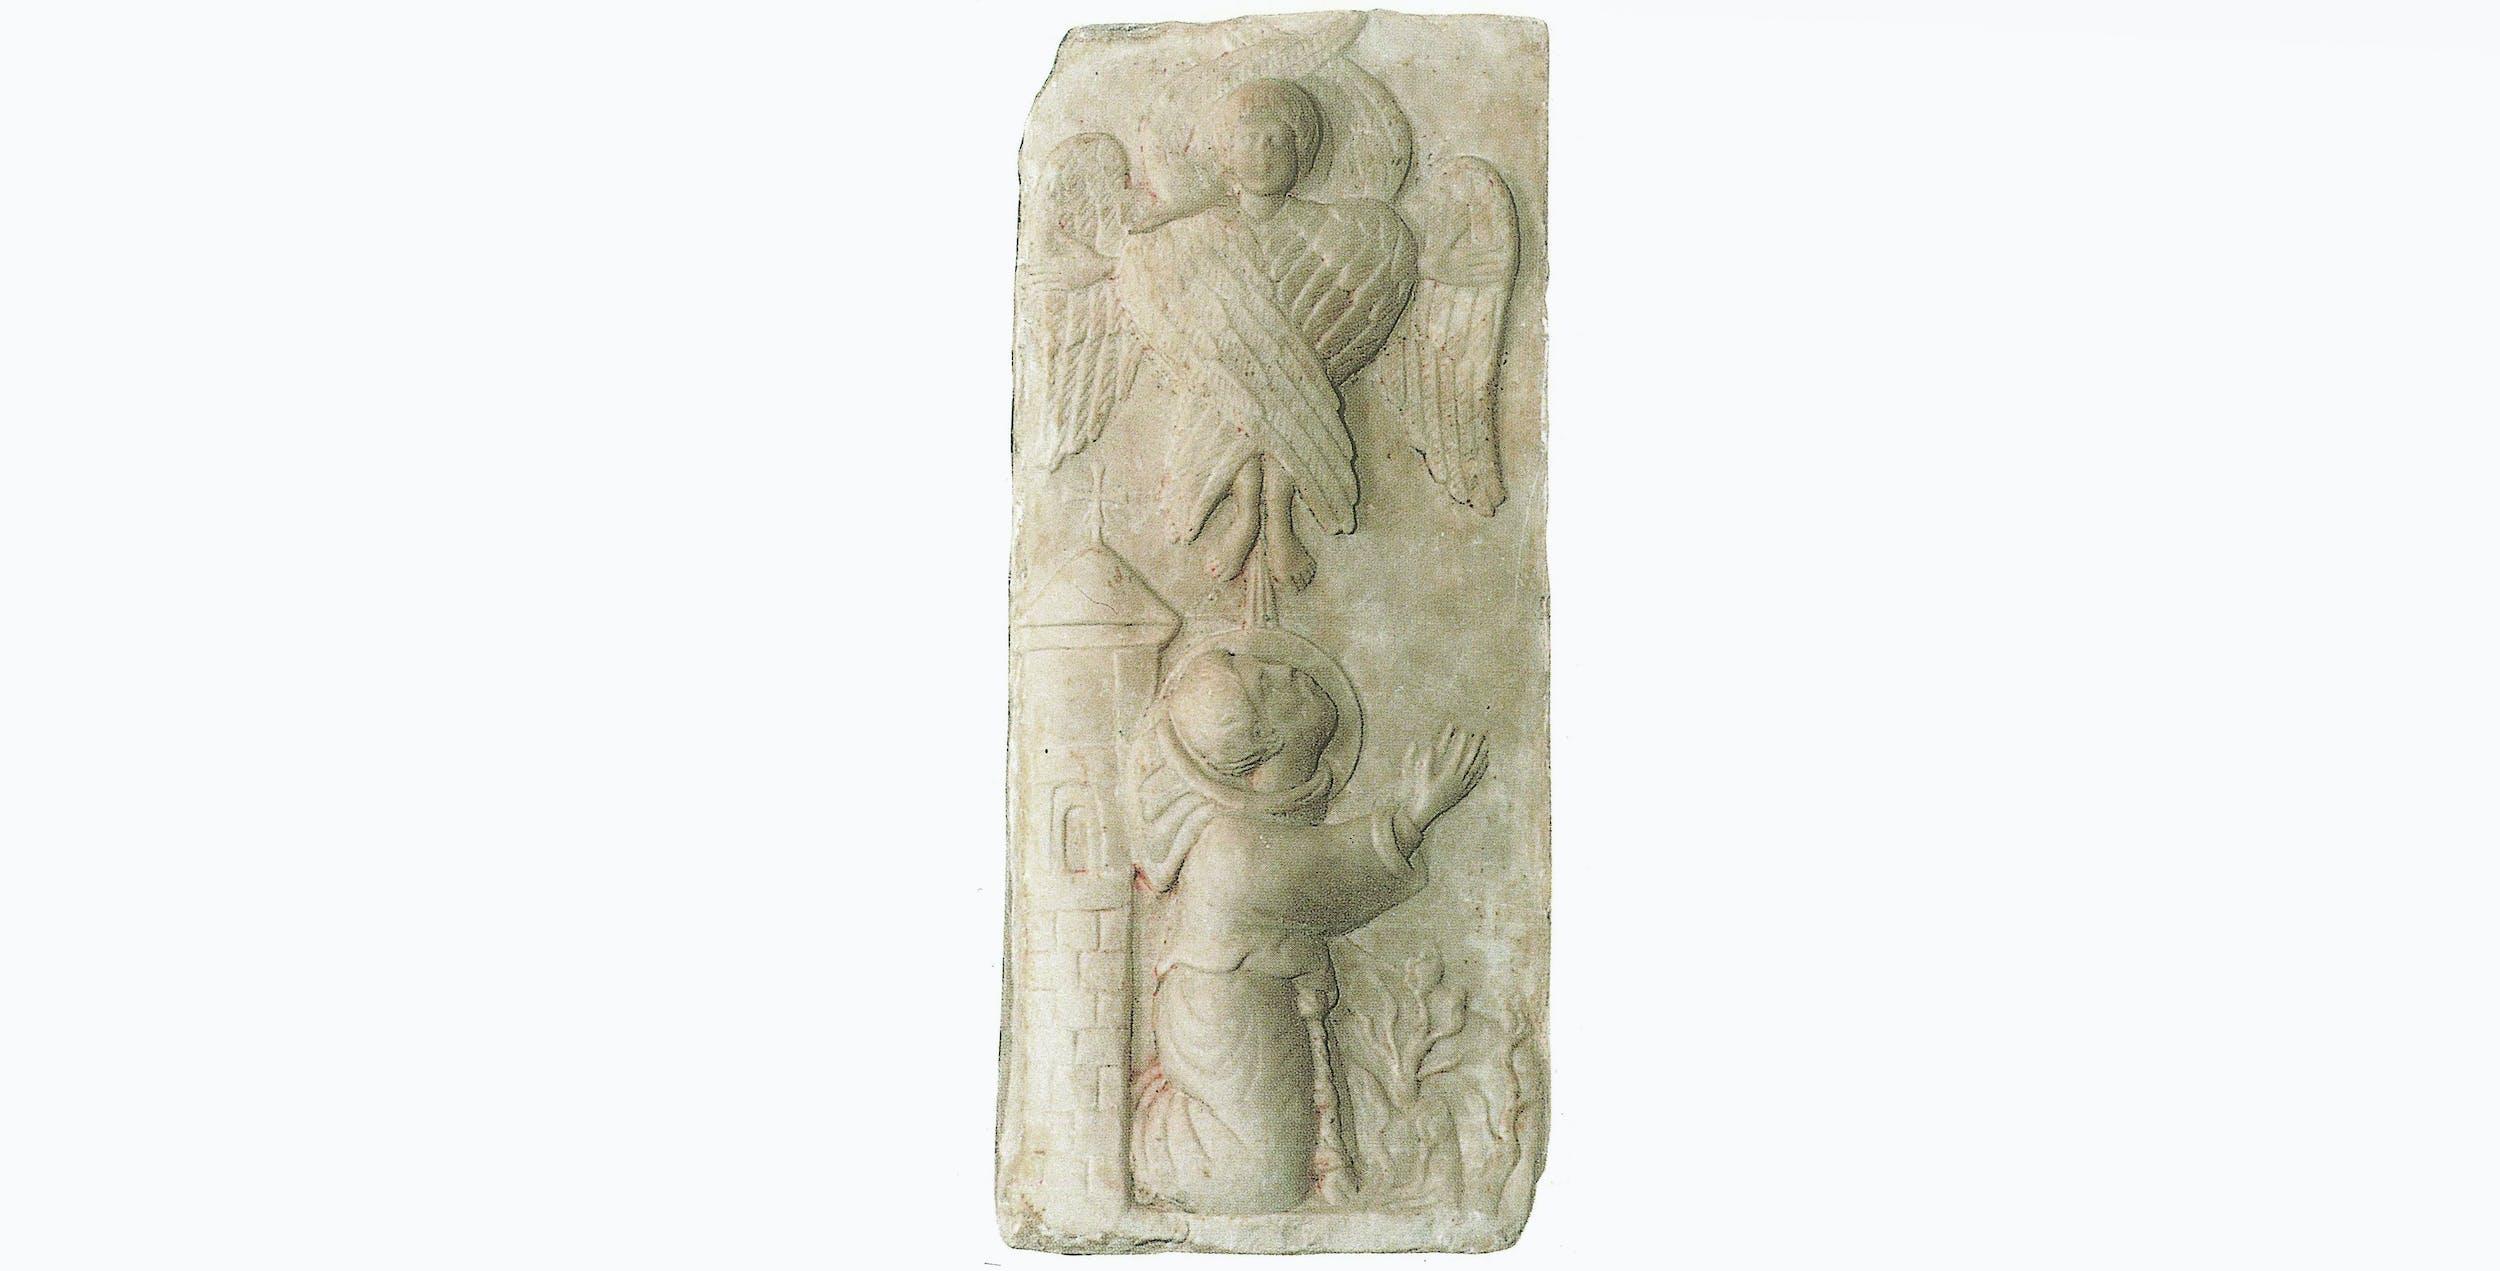 Autore ignoto, San Francesco riceve le stimmate, metà del sec. XIII.L'immagine, collocata all'ingresso della Cappella delle Stimmate alla Verna è sicuramente una delle più antiche testimonianze iconografiche del Santo e soprattutto della sua stimmatizzazione.